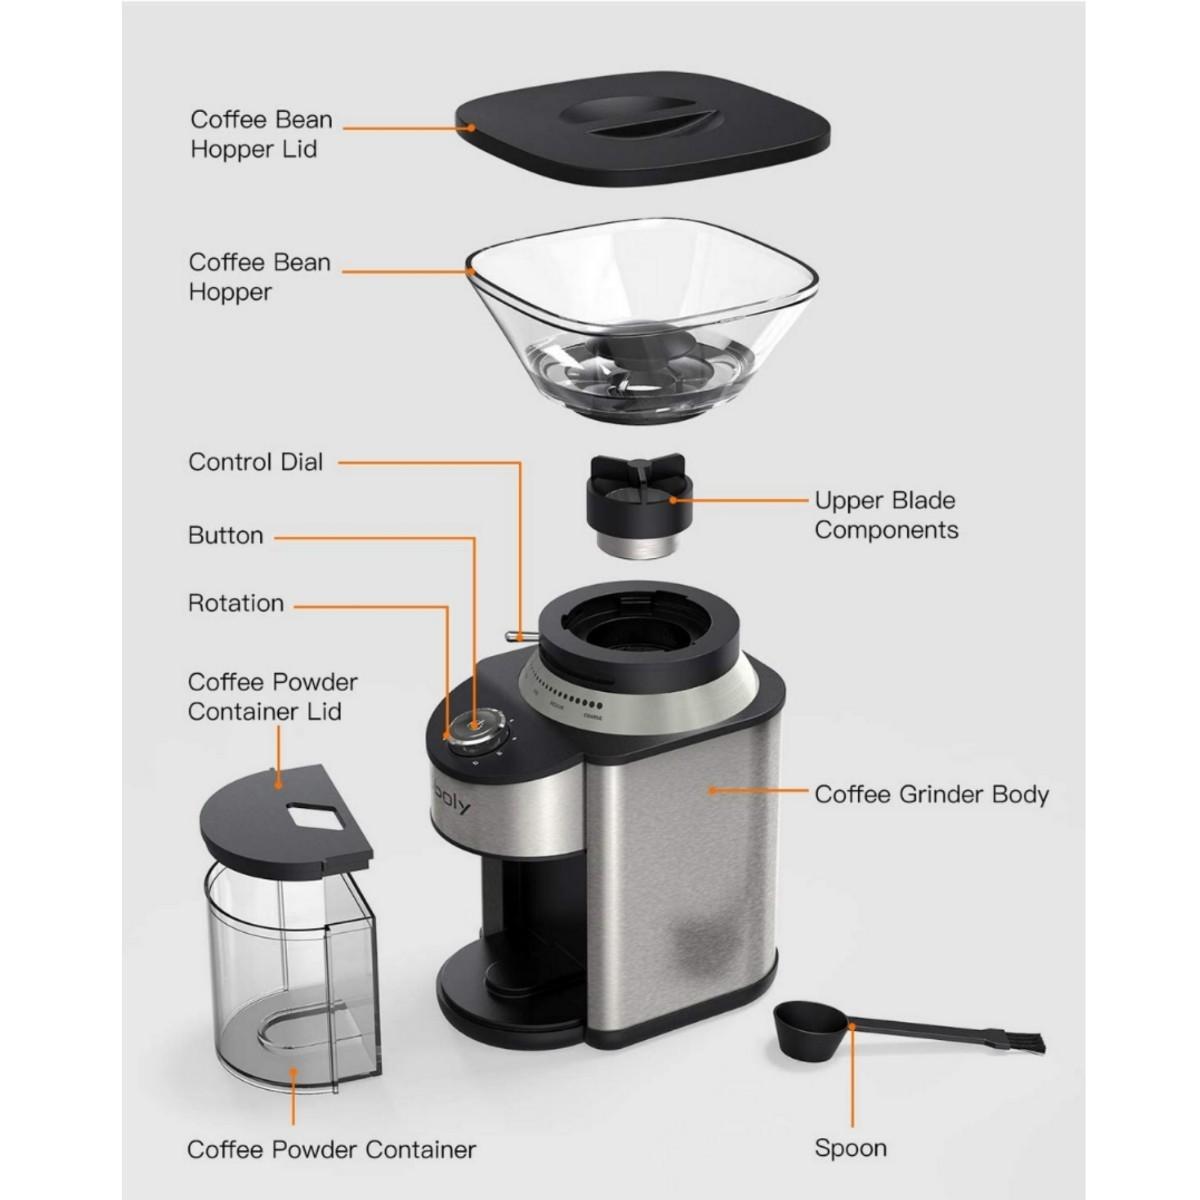 電動コーヒーミル コーン式コーヒーグラインダー ステンレススチール 19種類の粗さ調節可能 豆挽き